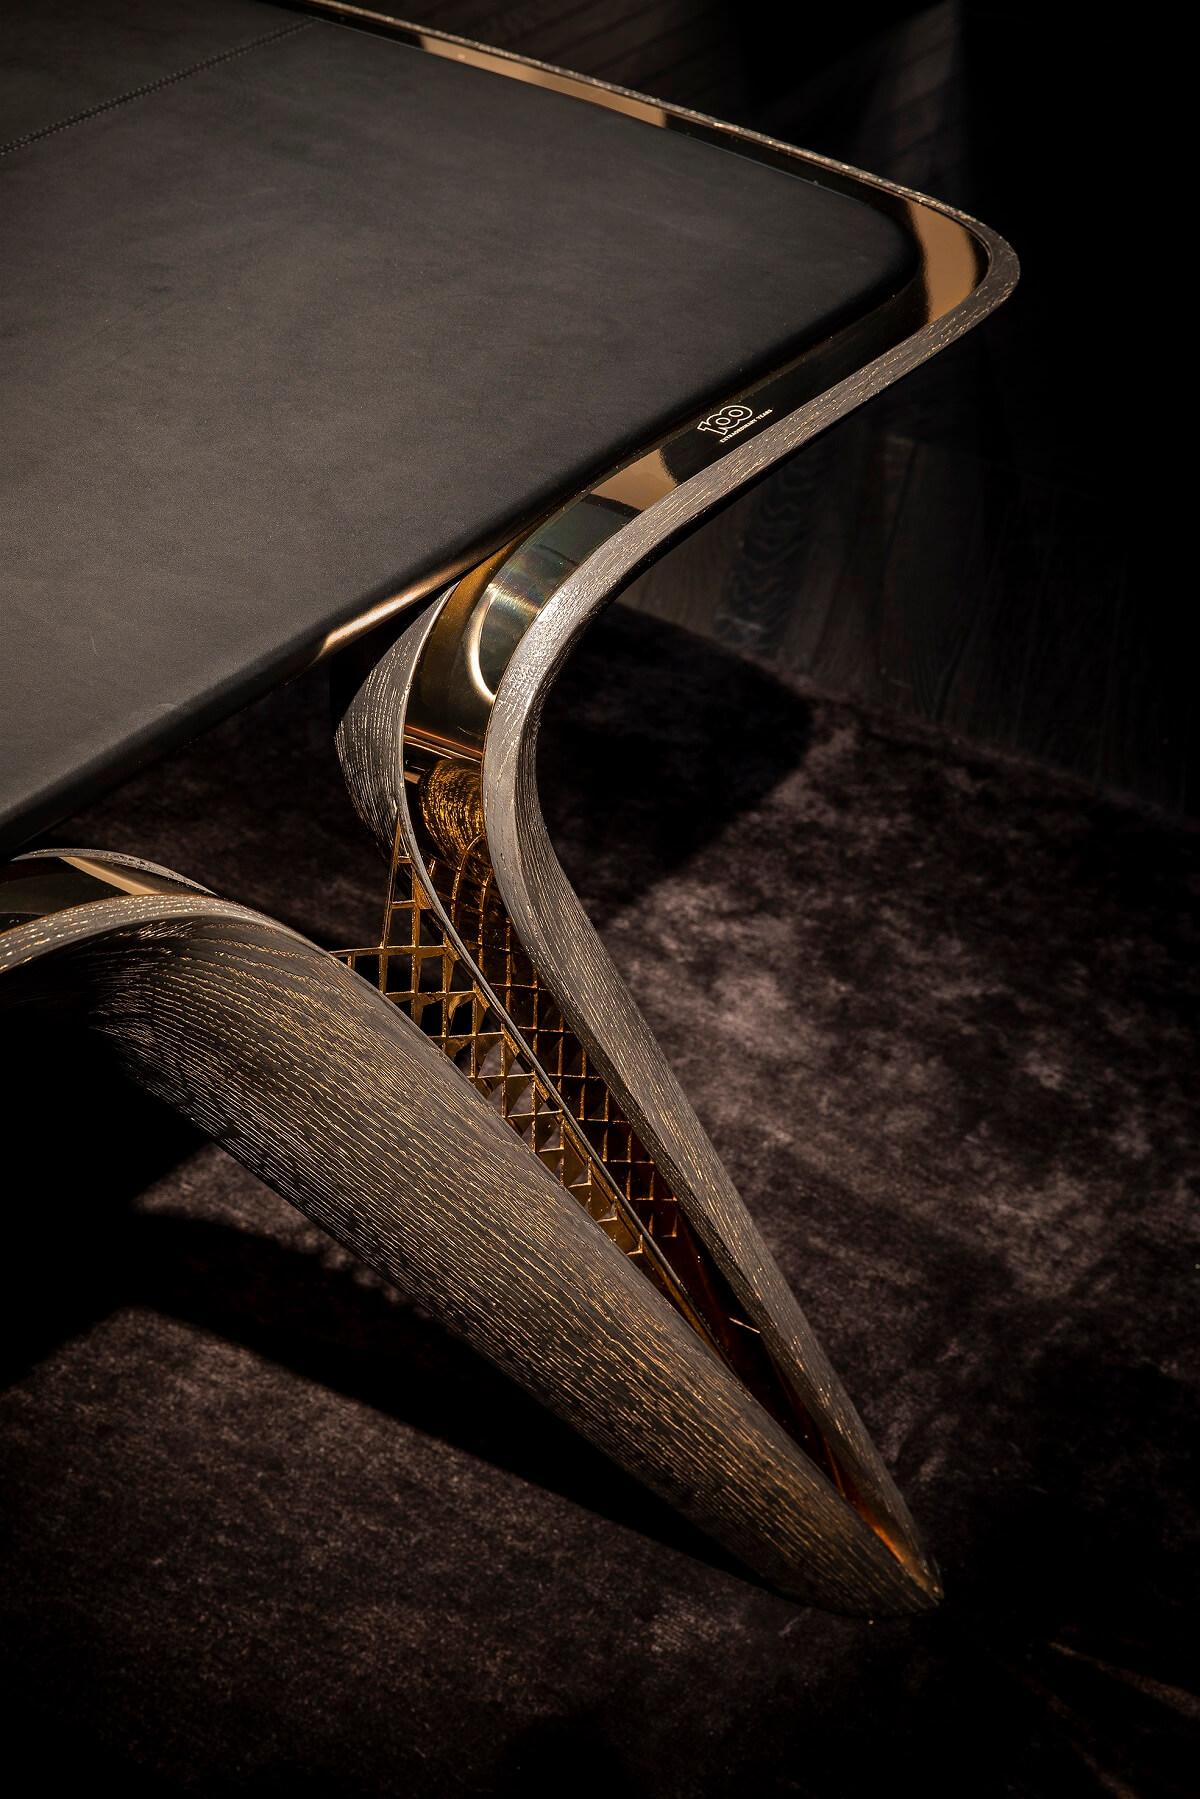 Bentley-Home-Centenary-Collection.jpg